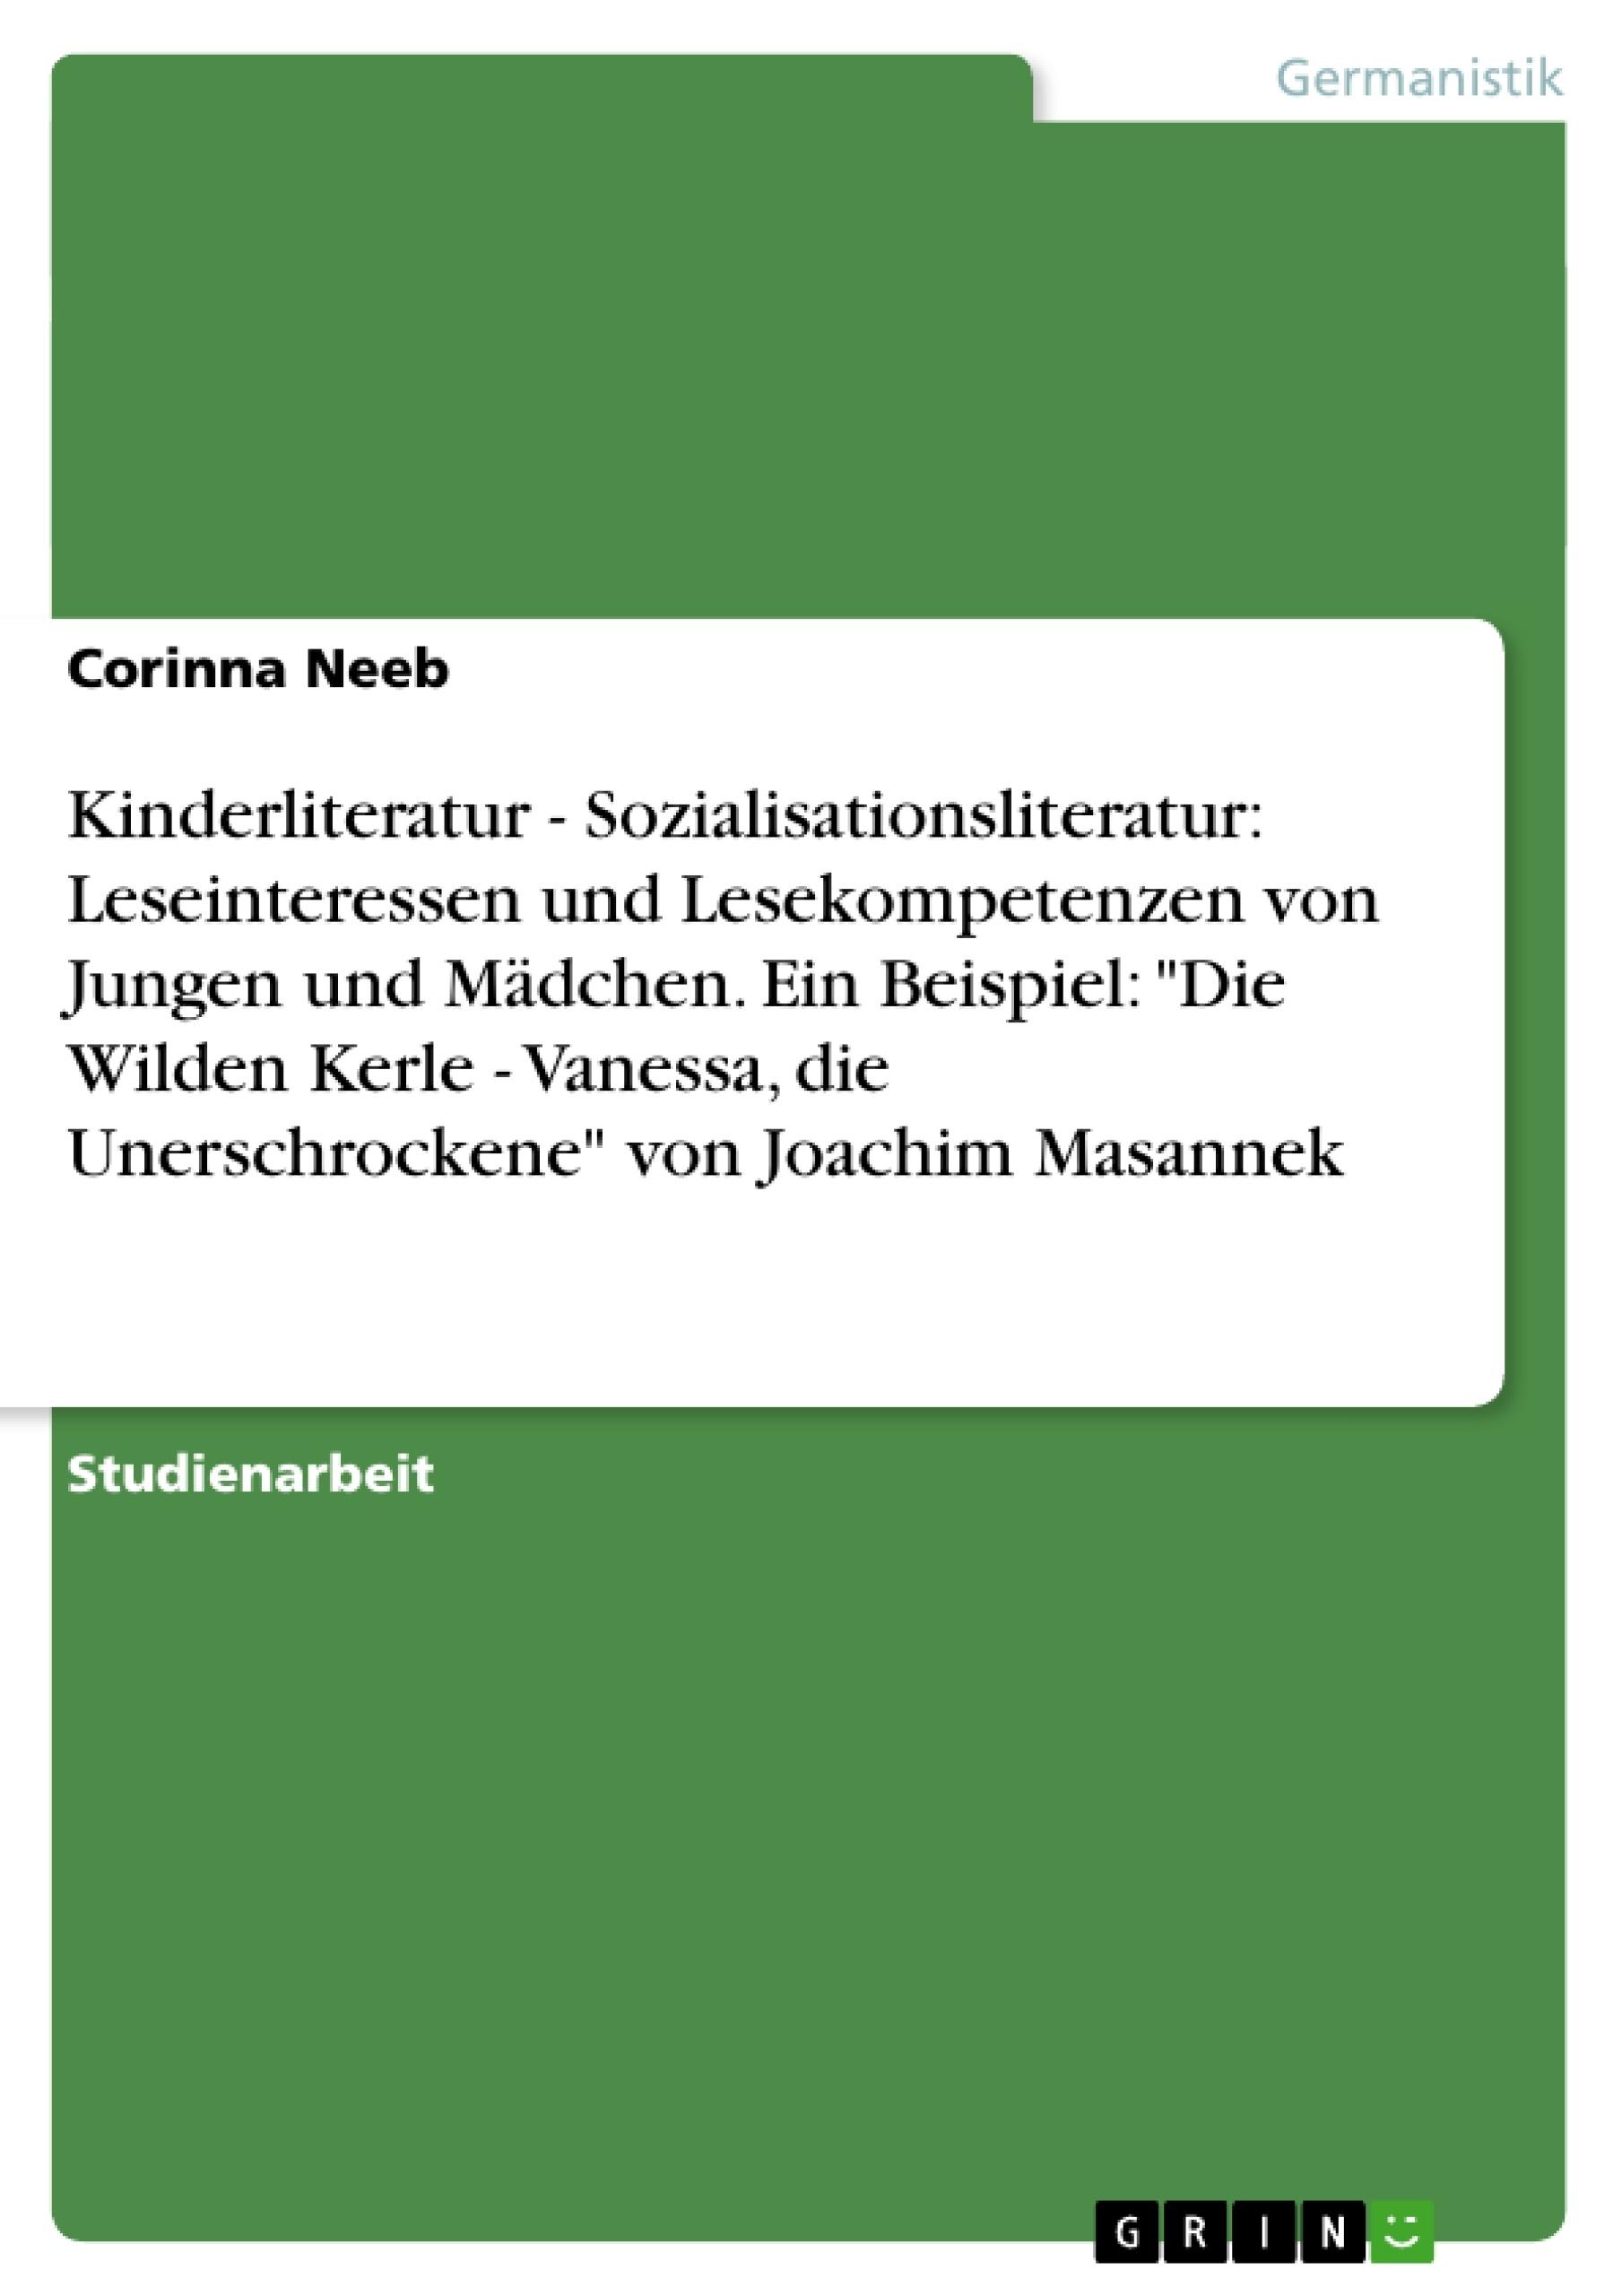 """Titel: Kinderliteratur - Sozialisationsliteratur: Leseinteressen und Lesekompetenzen von Jungen und Mädchen. Ein Beispiel: """"Die Wilden Kerle - Vanessa, die Unerschrockene"""" von Joachim Masannek"""